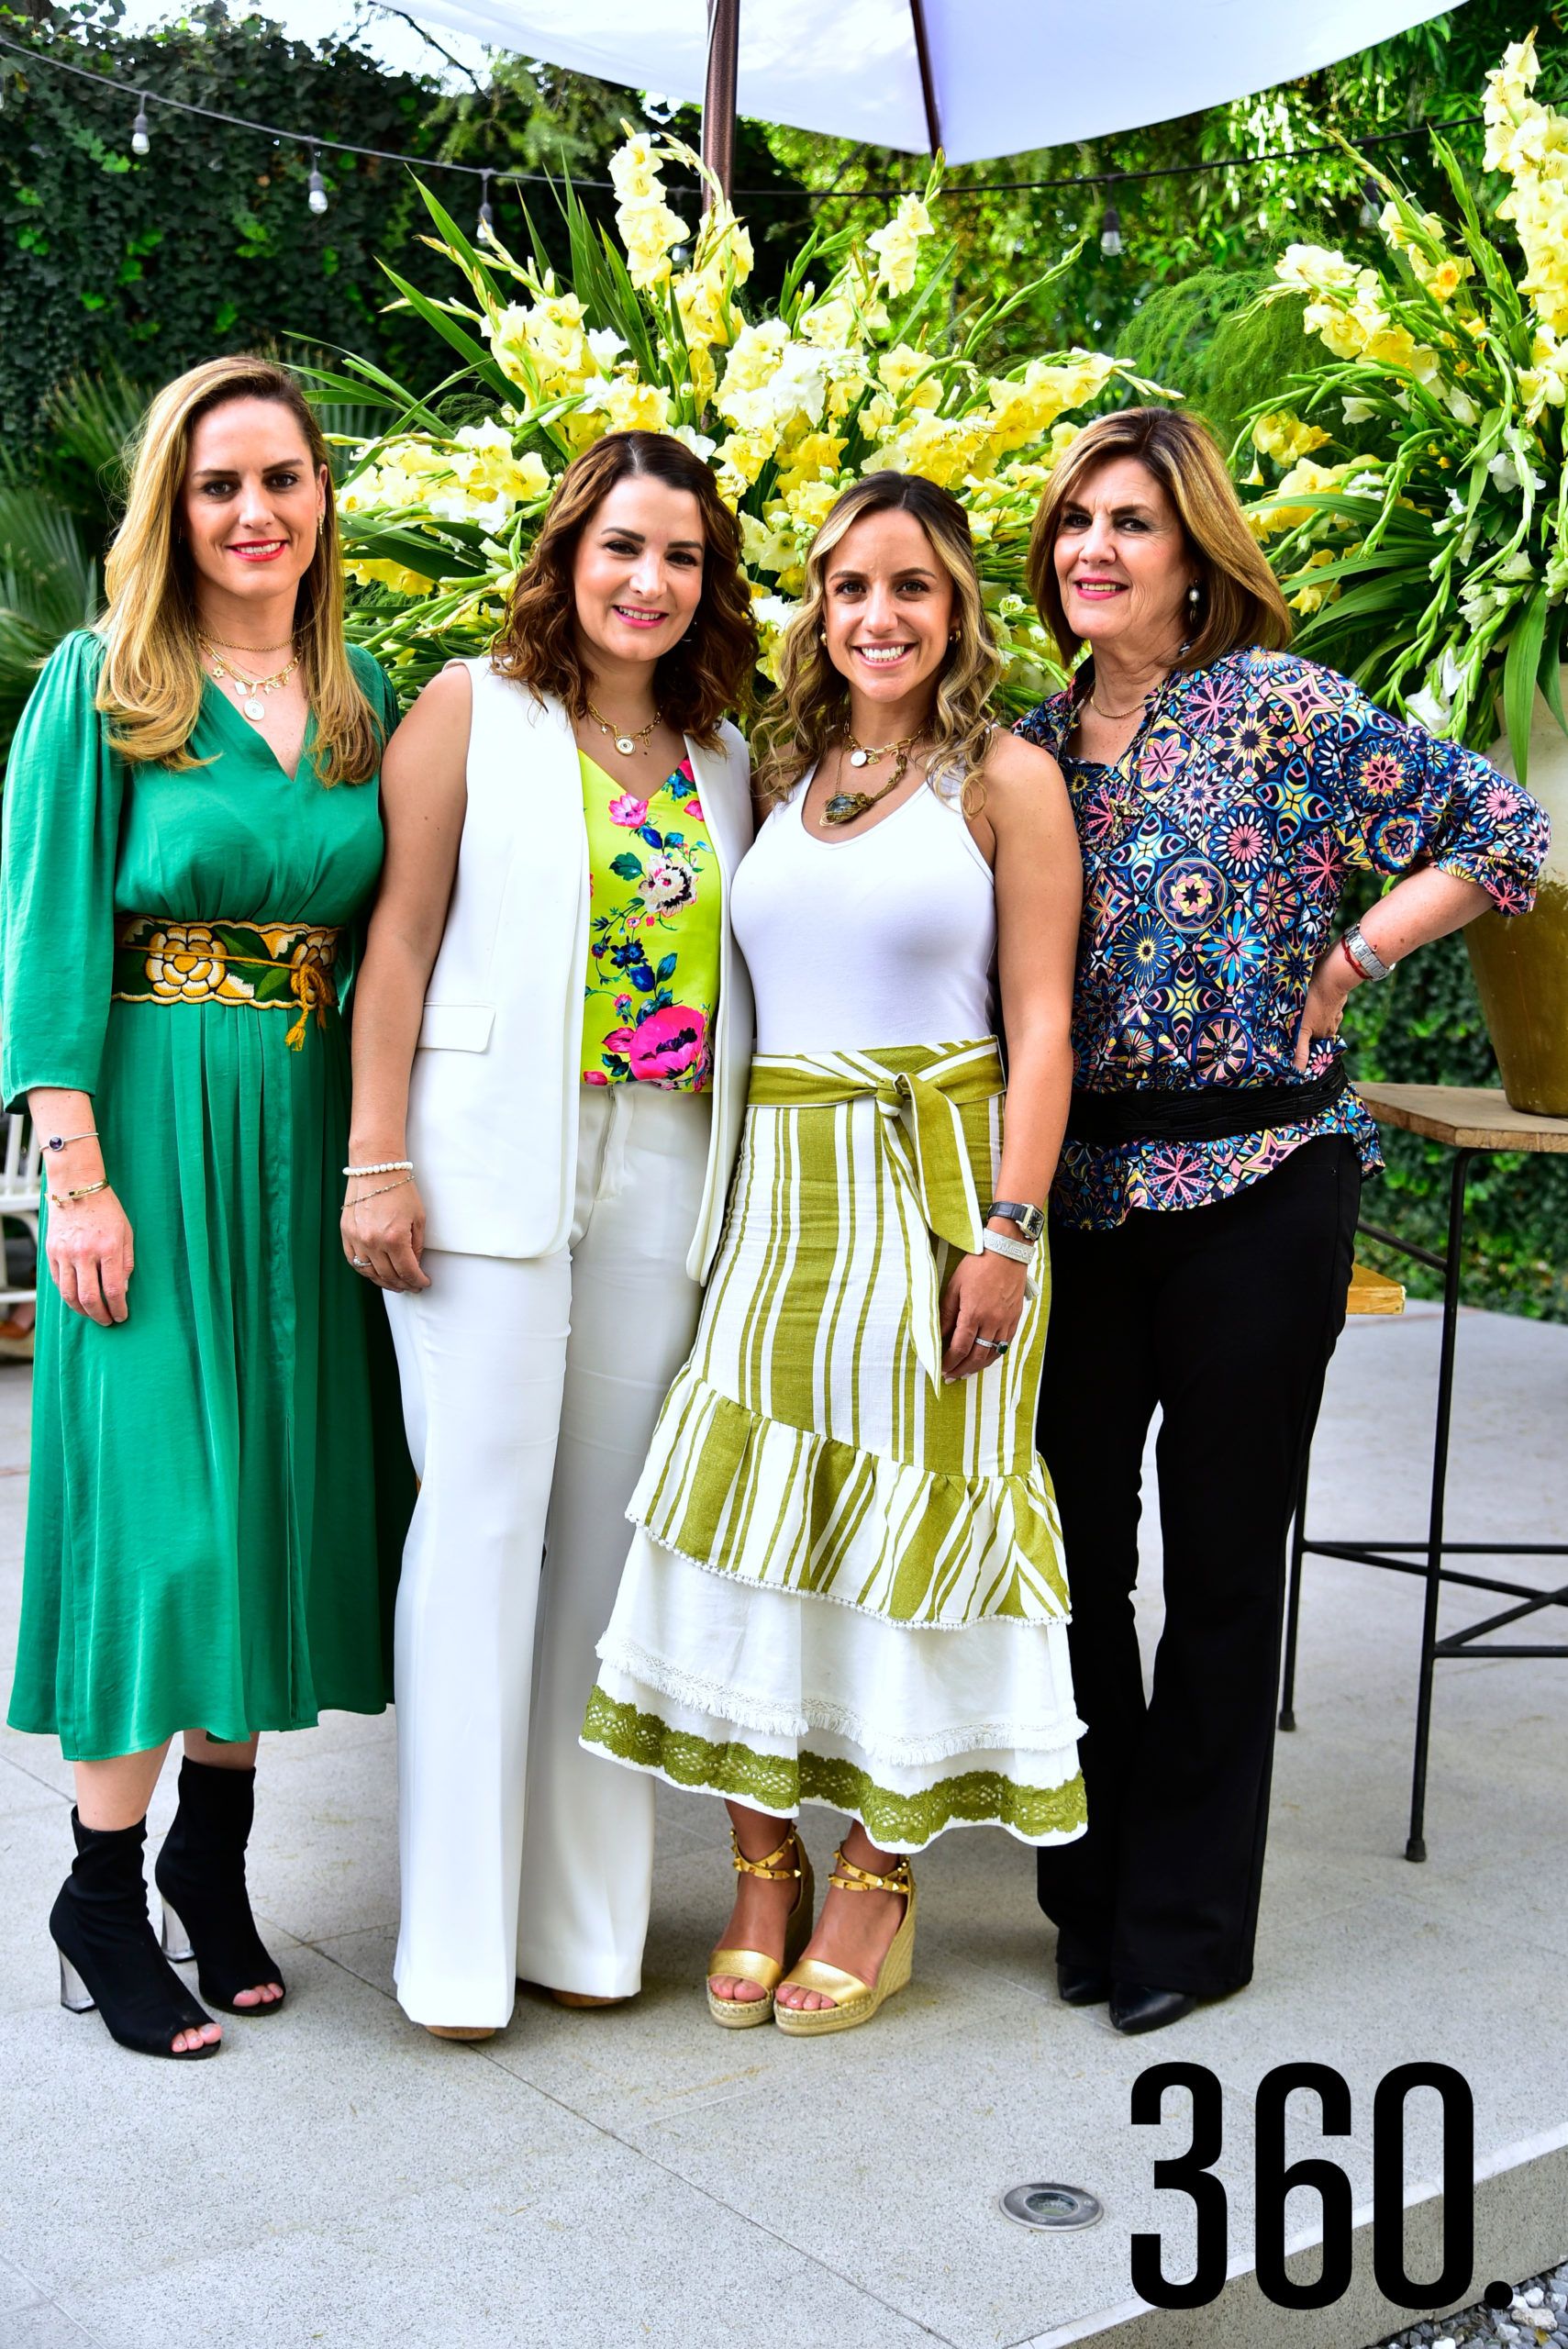 Paulina Galindo con su mamá, Rosario Cepeda, su hermana, Ana Lorena Galindo, y su cuñada, Beba de los Santos.